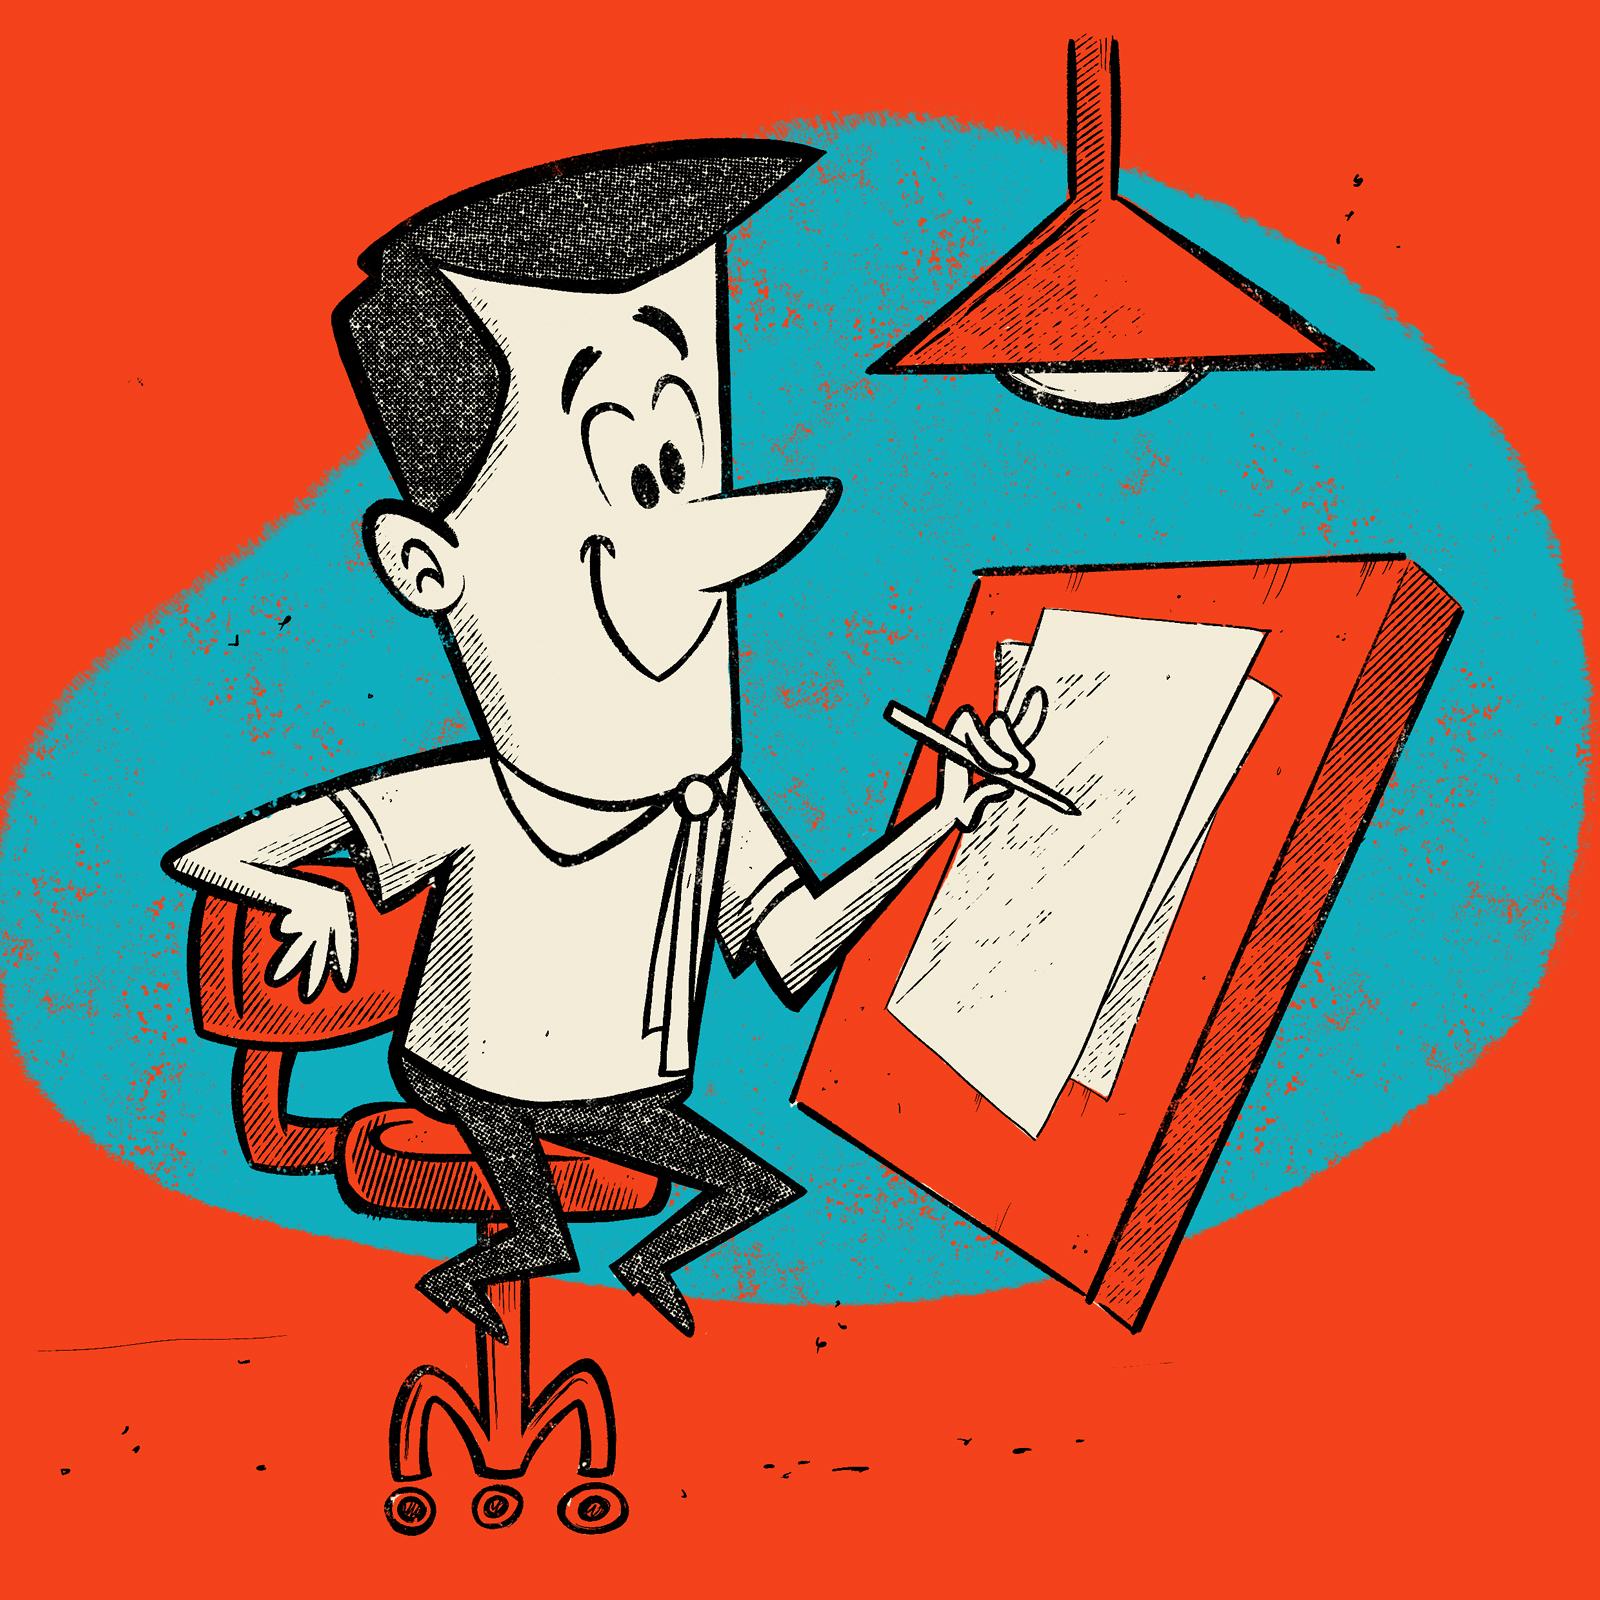 Como ilustrar um personagem com carisma